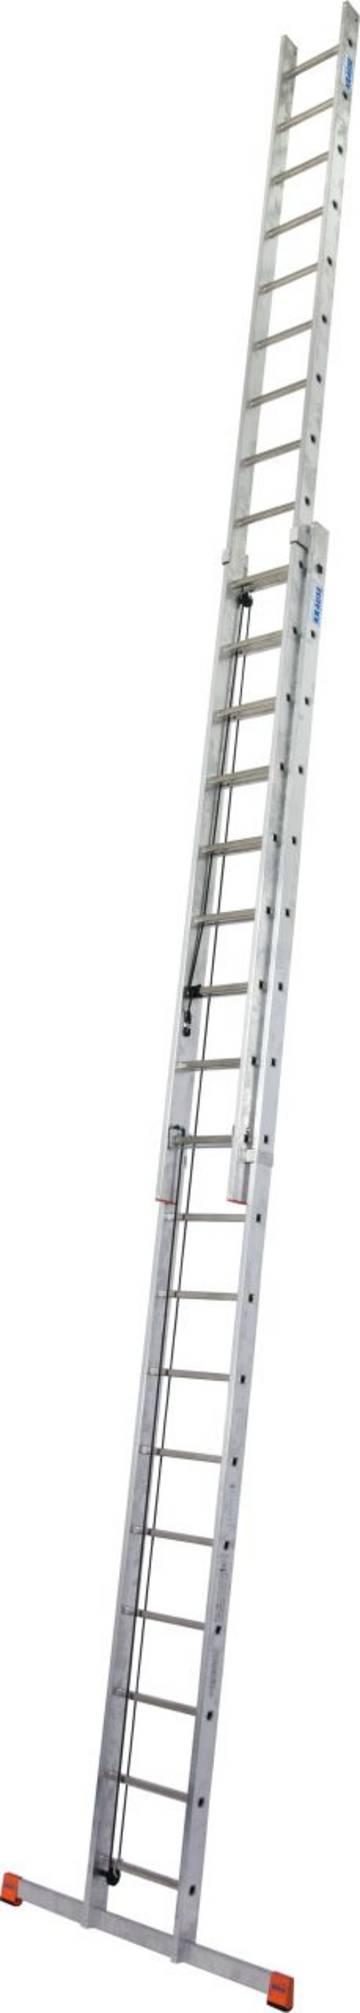 Leichte, zweiteilige Aluminium-SprossenSeilzugleiter mit komfortabler Höhenverstellung.